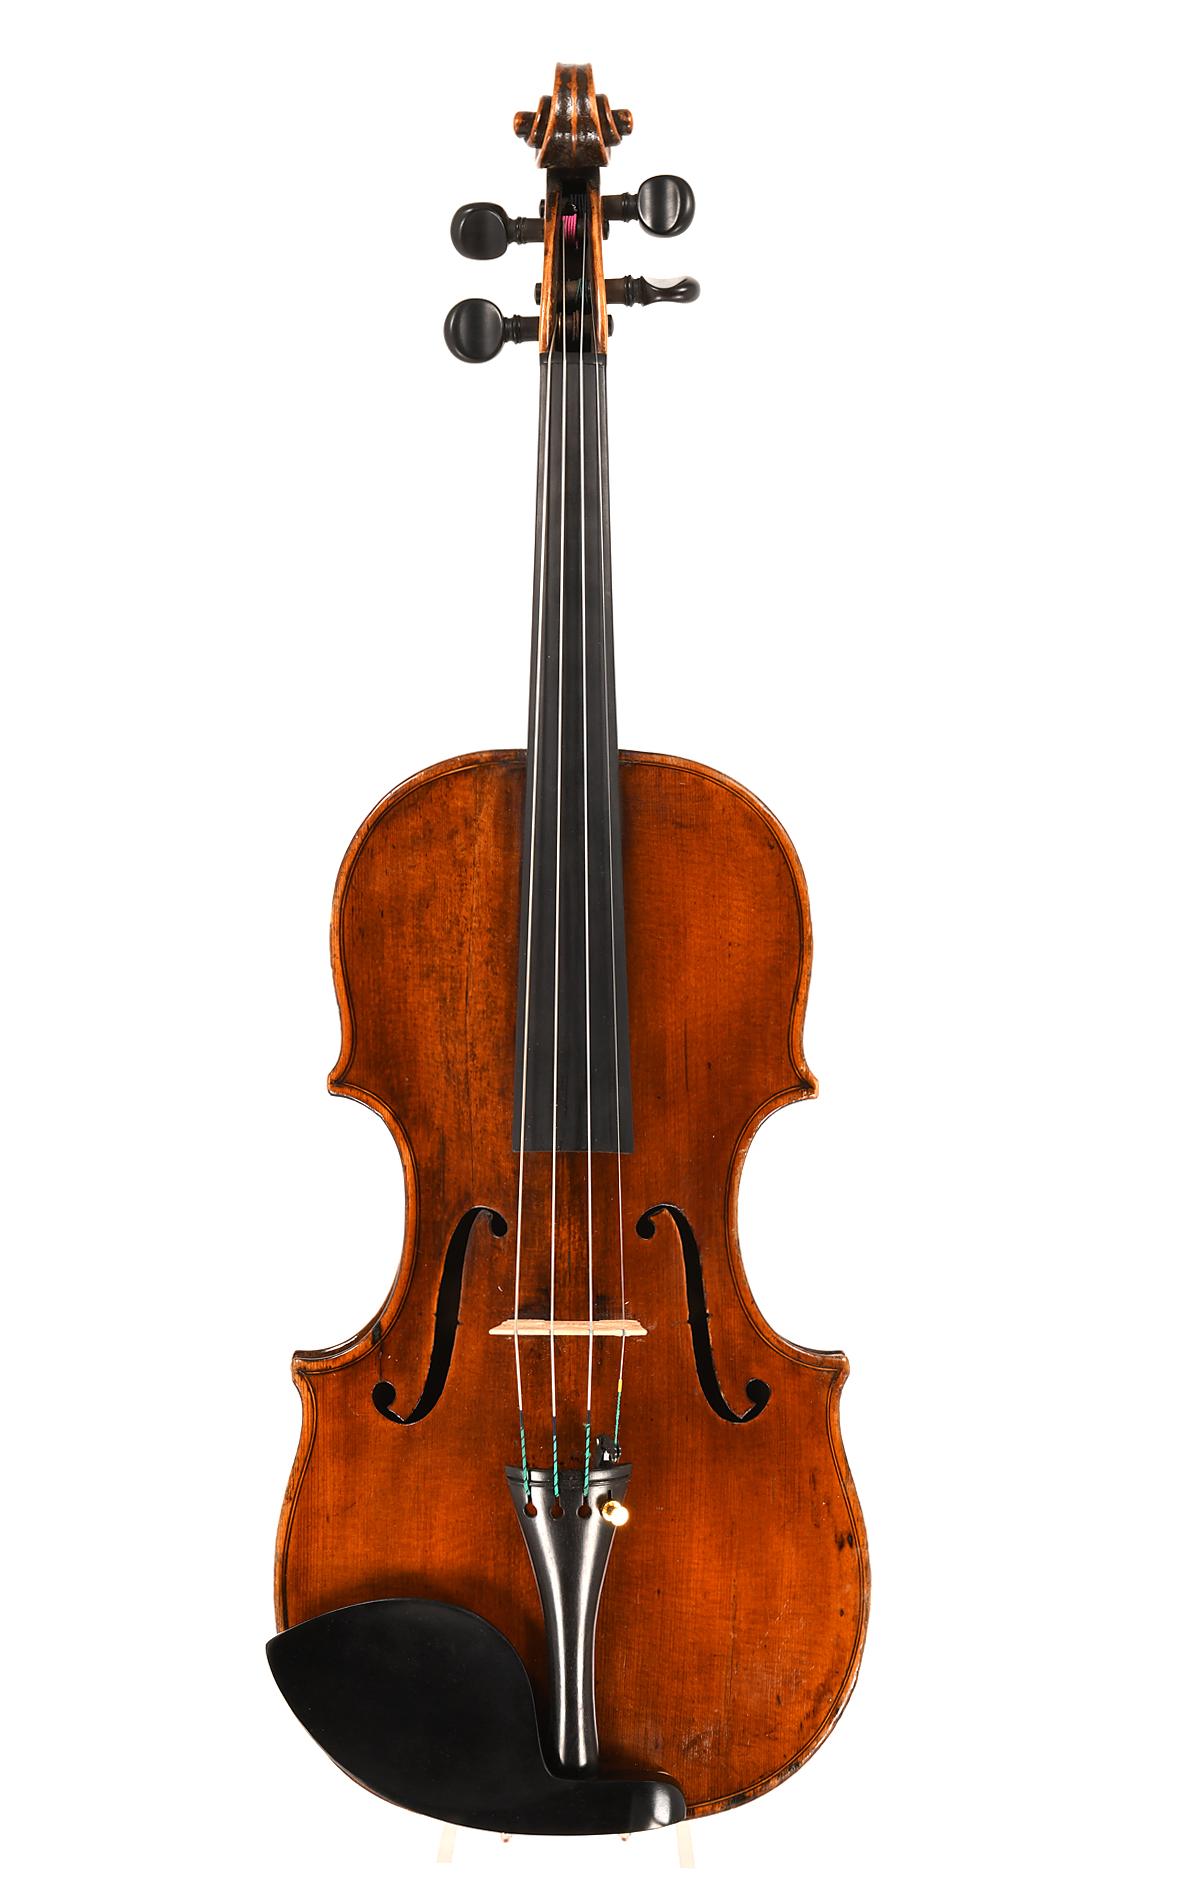 Hopf Geige - Klingenthal, um 1800